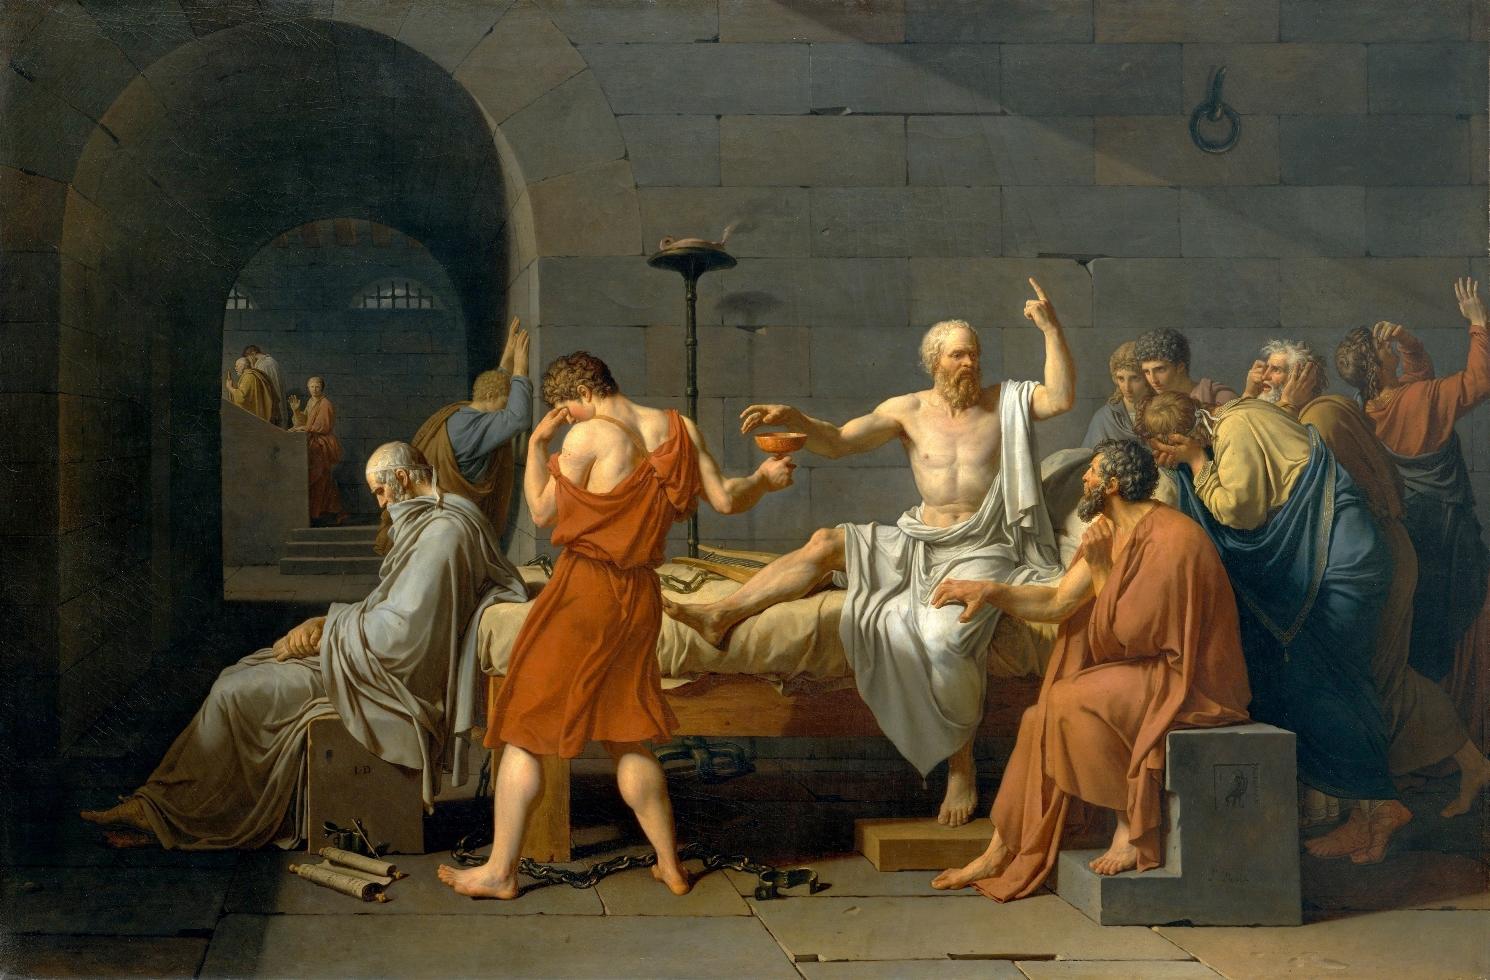 A morte de sócrates - David